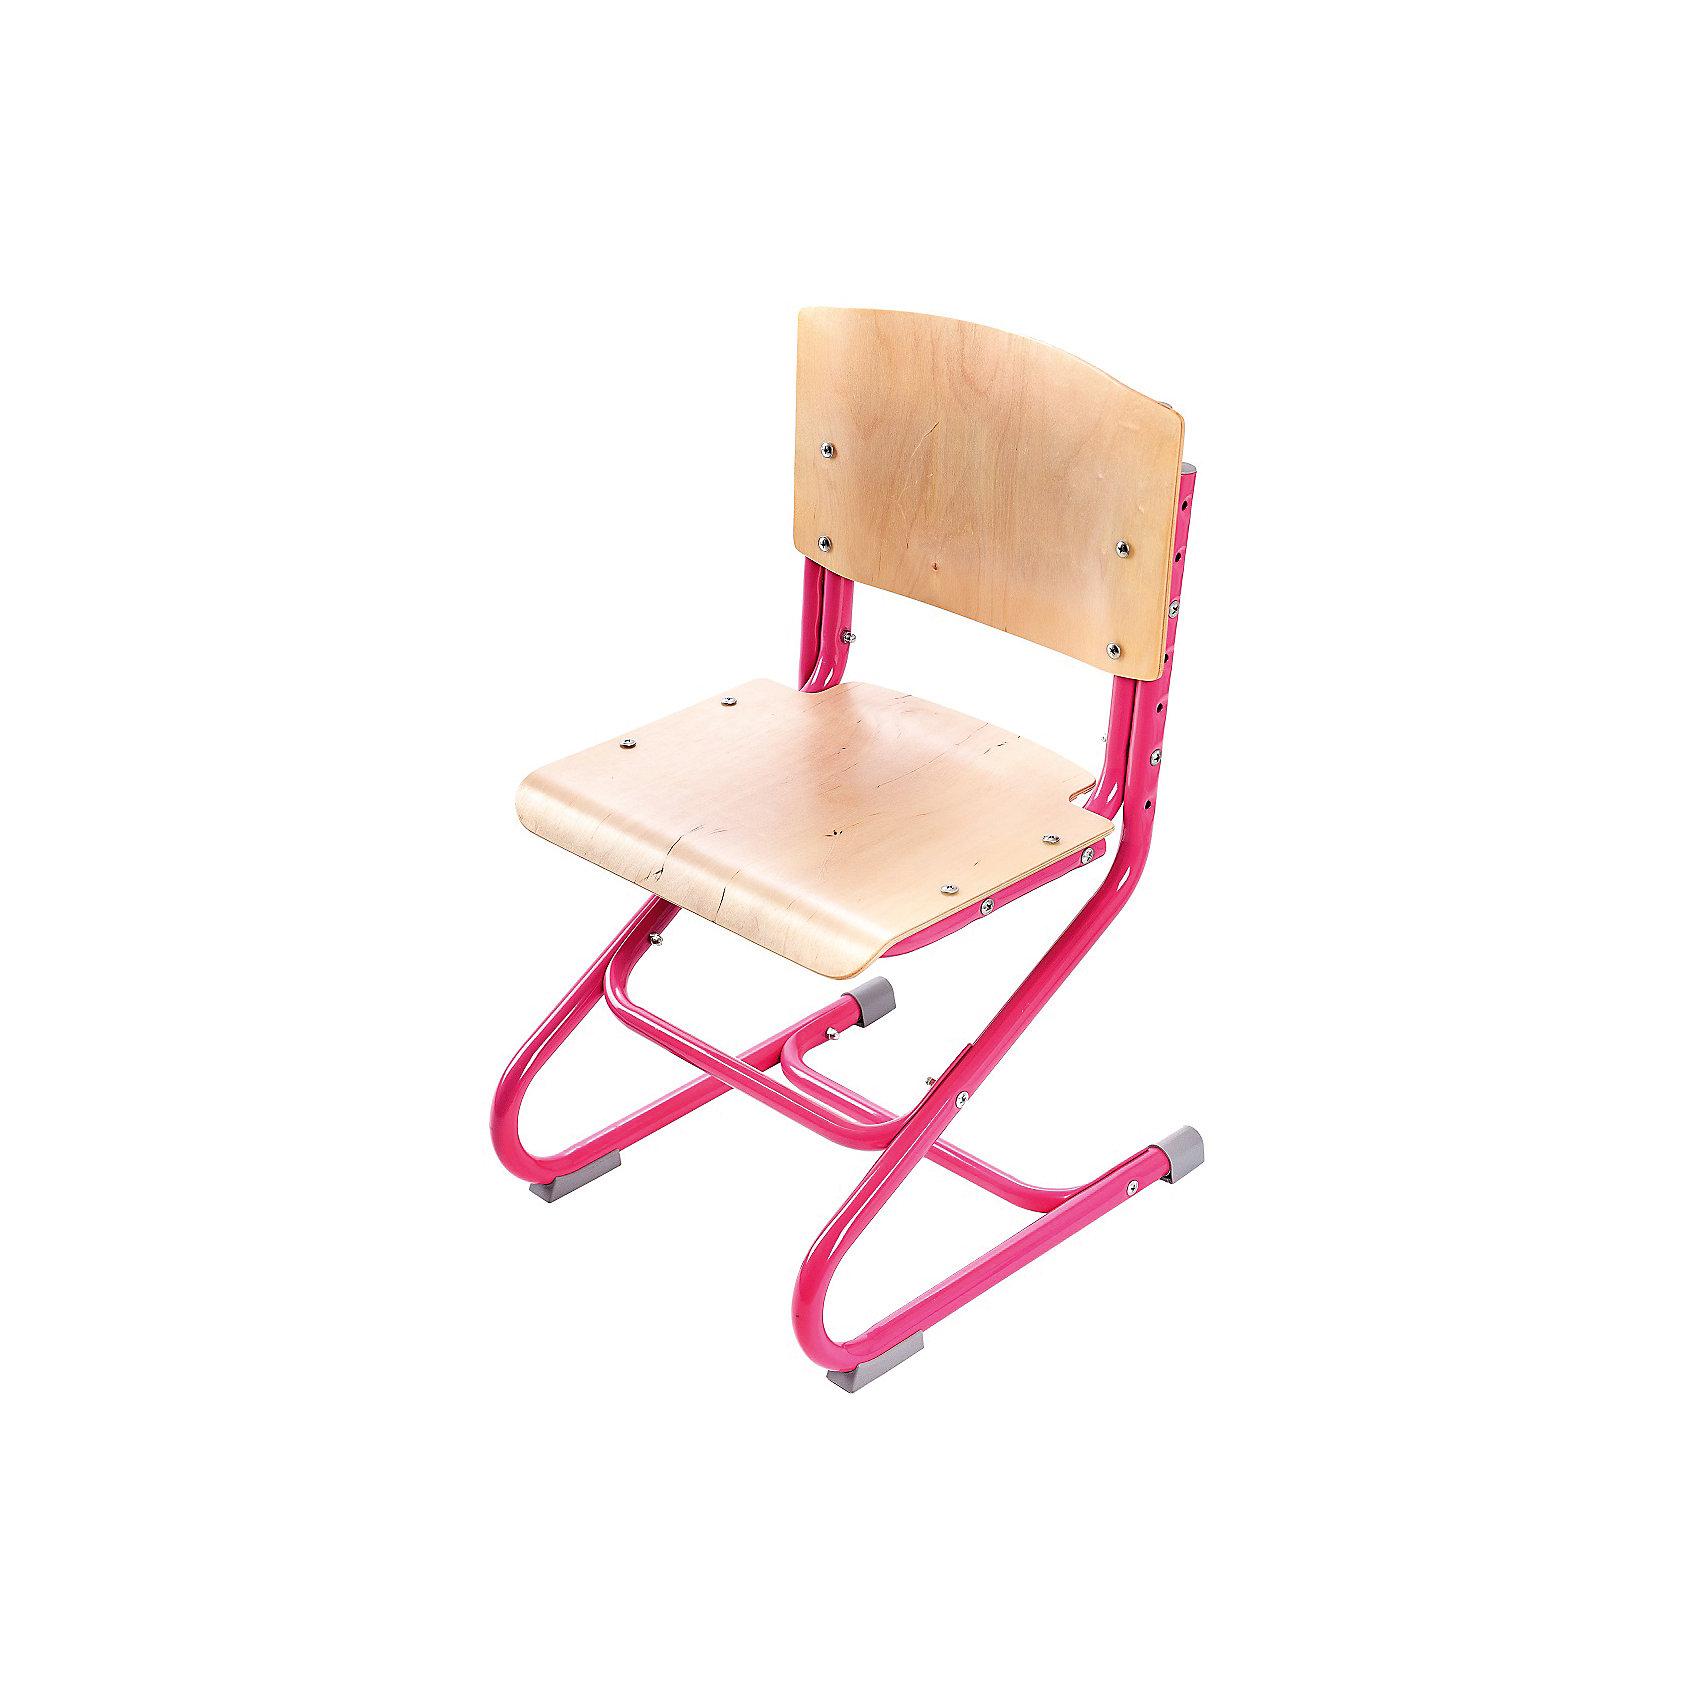 Стул универсальный СУТ.01-01, Дэми, розовыйМебель<br>Стул универсальный СУТ.01-01, Дэми, розовый – эргономичный стул для детей от 3 лет.<br>Высота ножек, положение сидения, наклон спинки регулируются, поэтому стул будет «расти» вместе с ребенком. Модель выполнена из прочного металла и фанеры, поэтому служить такой стул будет долгие годы. Регулируемая спинка также дополнительно помогает ребенку в поддержании красивой и здоровой осанки. Стул не теряет внешний вид спустя время и не требует особо ухода. <br><br>Дополнительная информация: <br><br>Высота сидения стула - 34,5-44,5 см<br>Глубина сидения стула - 31-34,5 см<br>Ширина сидения стула - 40 см <br>Вес: 7 кг<br>Материал: фанера, металл<br>Цвет: розовый<br><br>Стул универсальный СУТ.01-01, Дэми, розовый можно купить в нашем интернет магазине.<br><br>Ширина мм: 730<br>Глубина мм: 610<br>Высота мм: 80<br>Вес г: 8000<br>Возраст от месяцев: 48<br>Возраст до месяцев: 1188<br>Пол: Женский<br>Возраст: Детский<br>SKU: 4919213